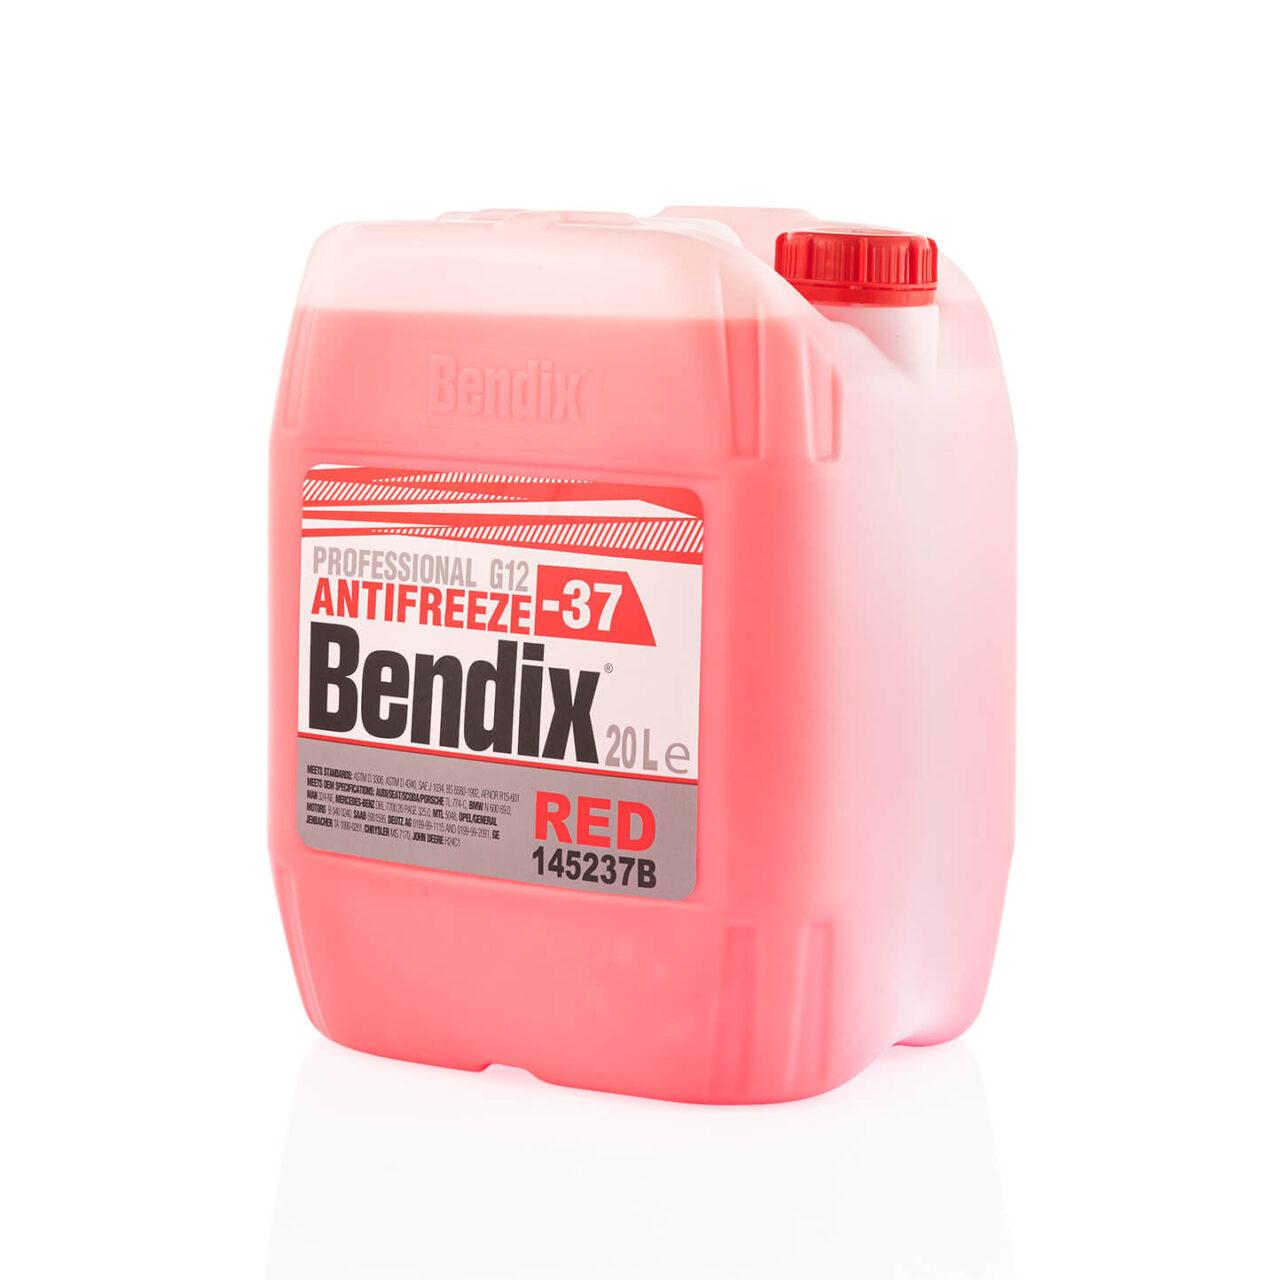 bendix-g12--37-20L